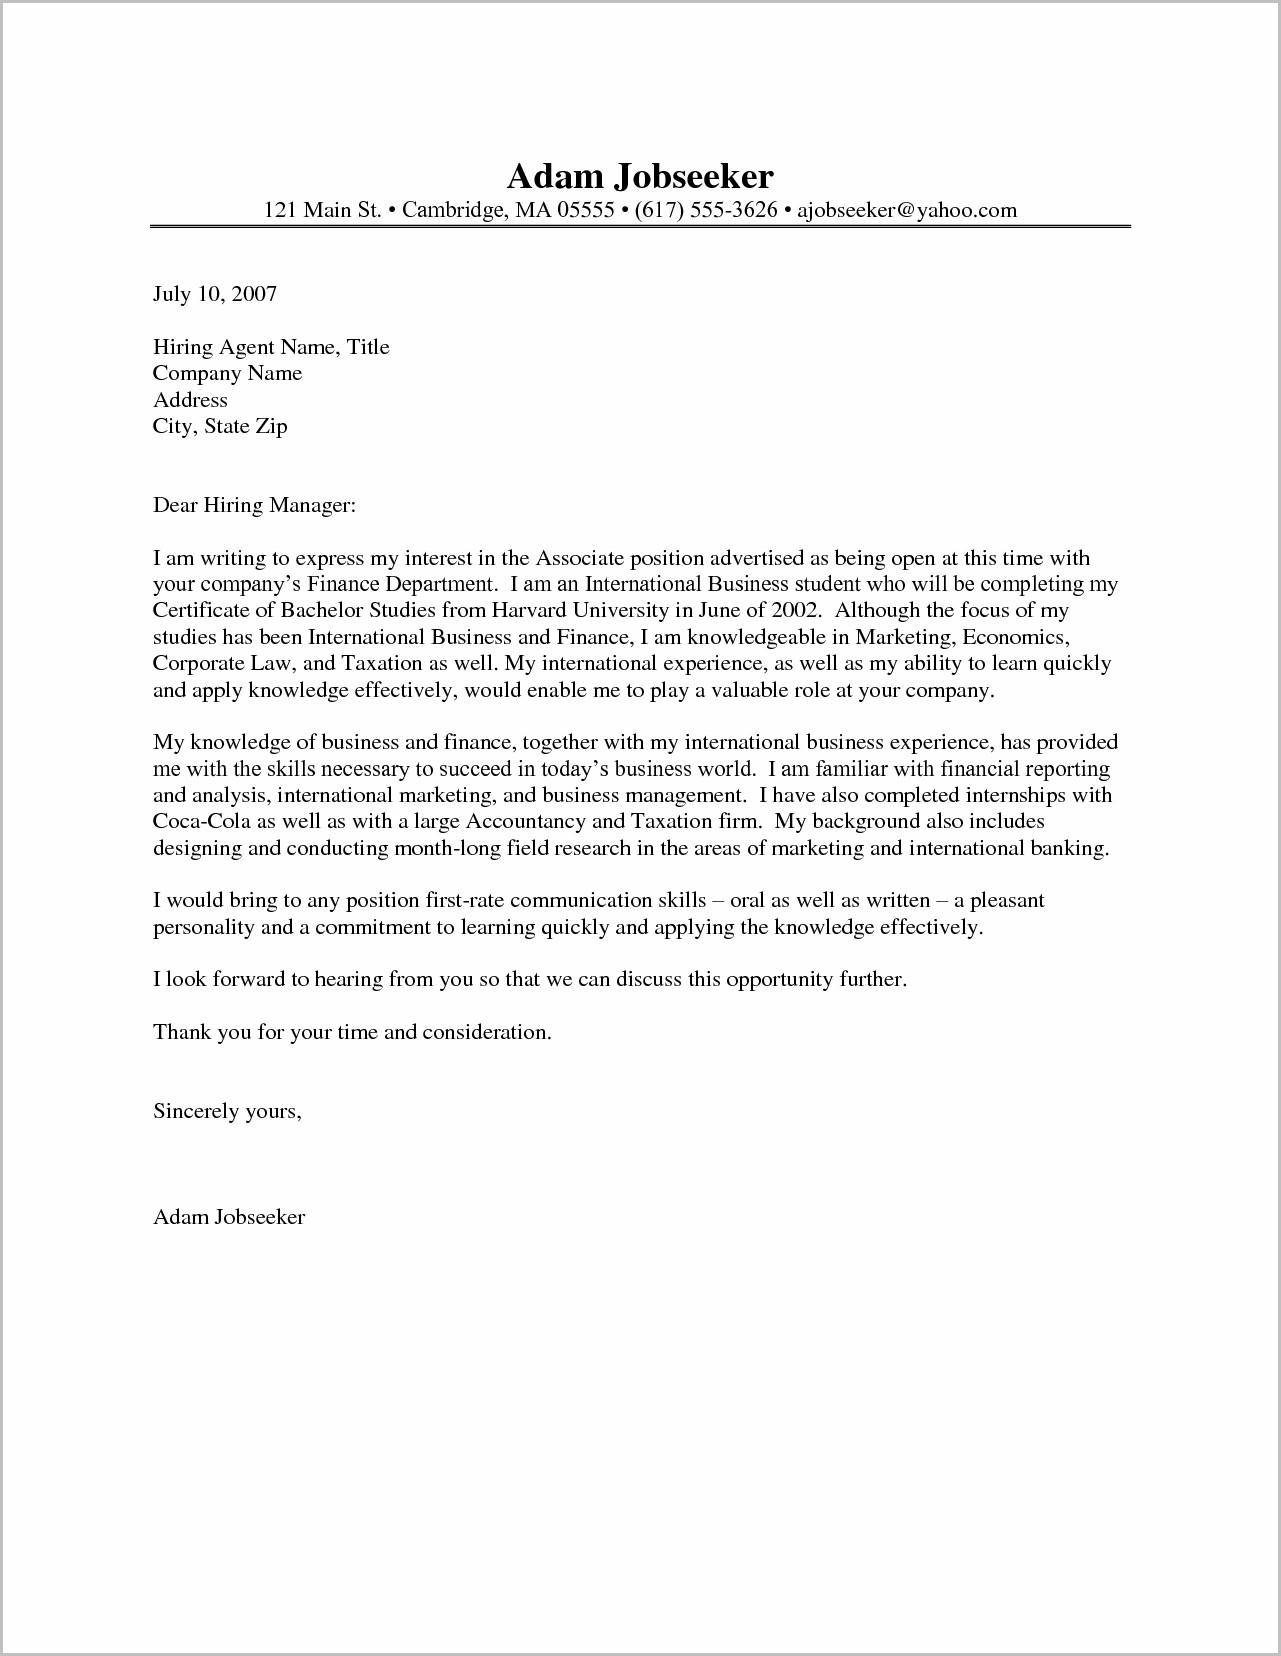 Free Sample Cover Letter For Internship